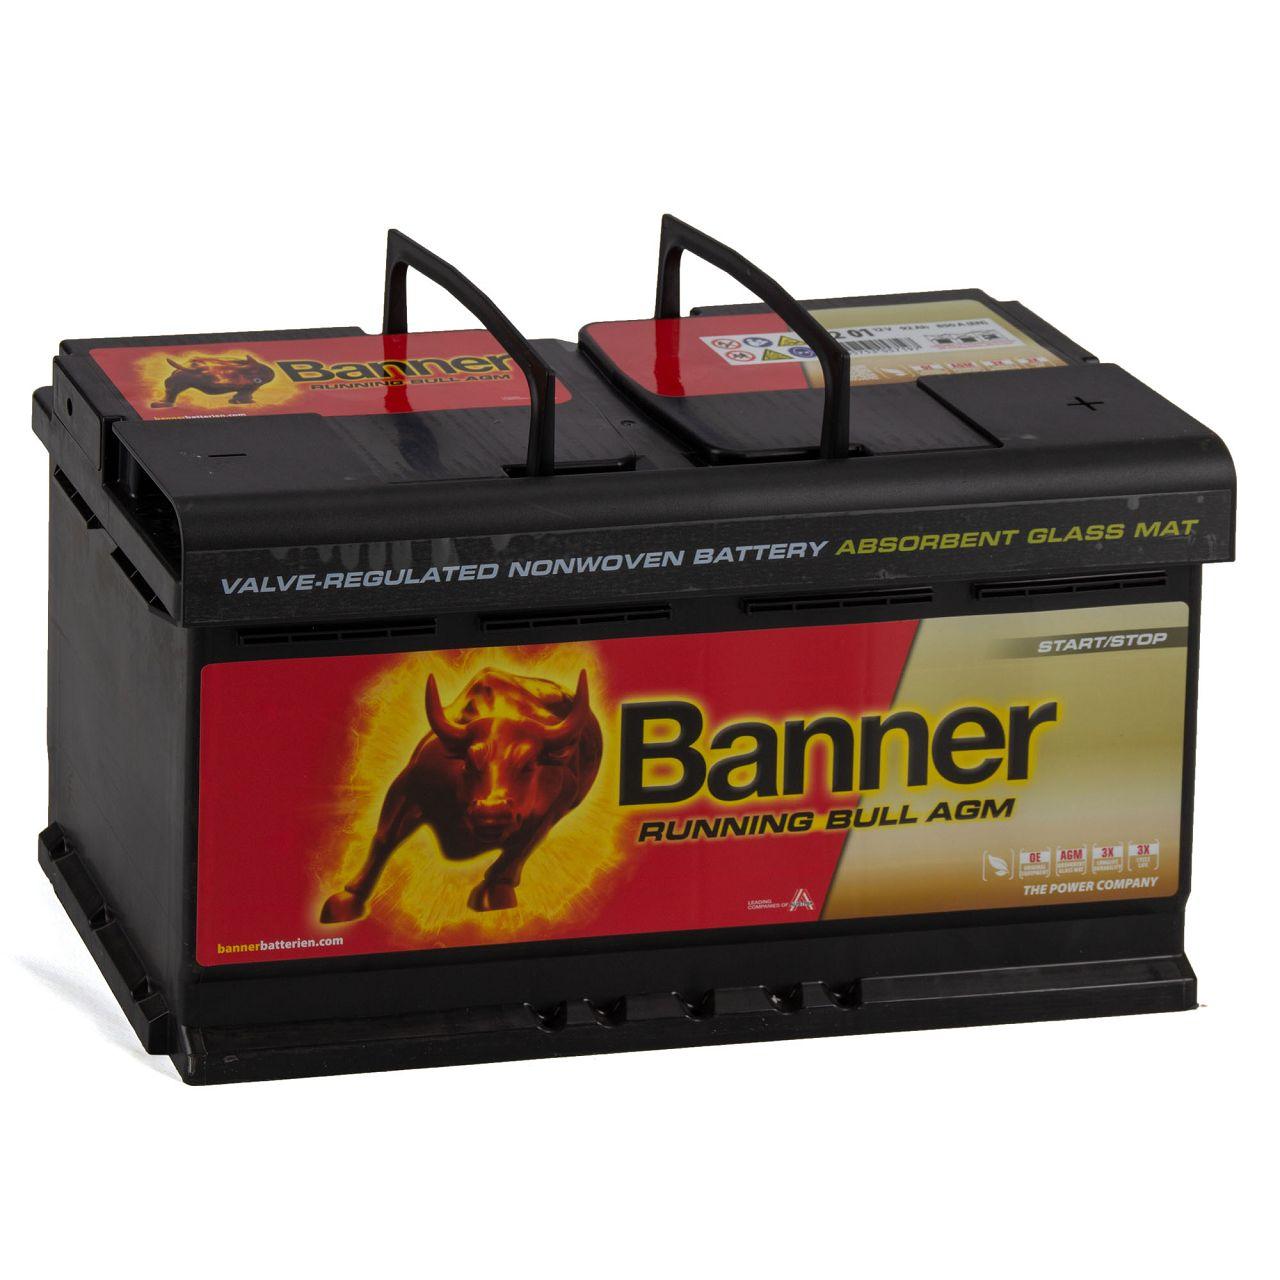 BANNER 59201 019AGMOE Running Bull AGM Autobatterie Batterie 12V 92Ah 850A